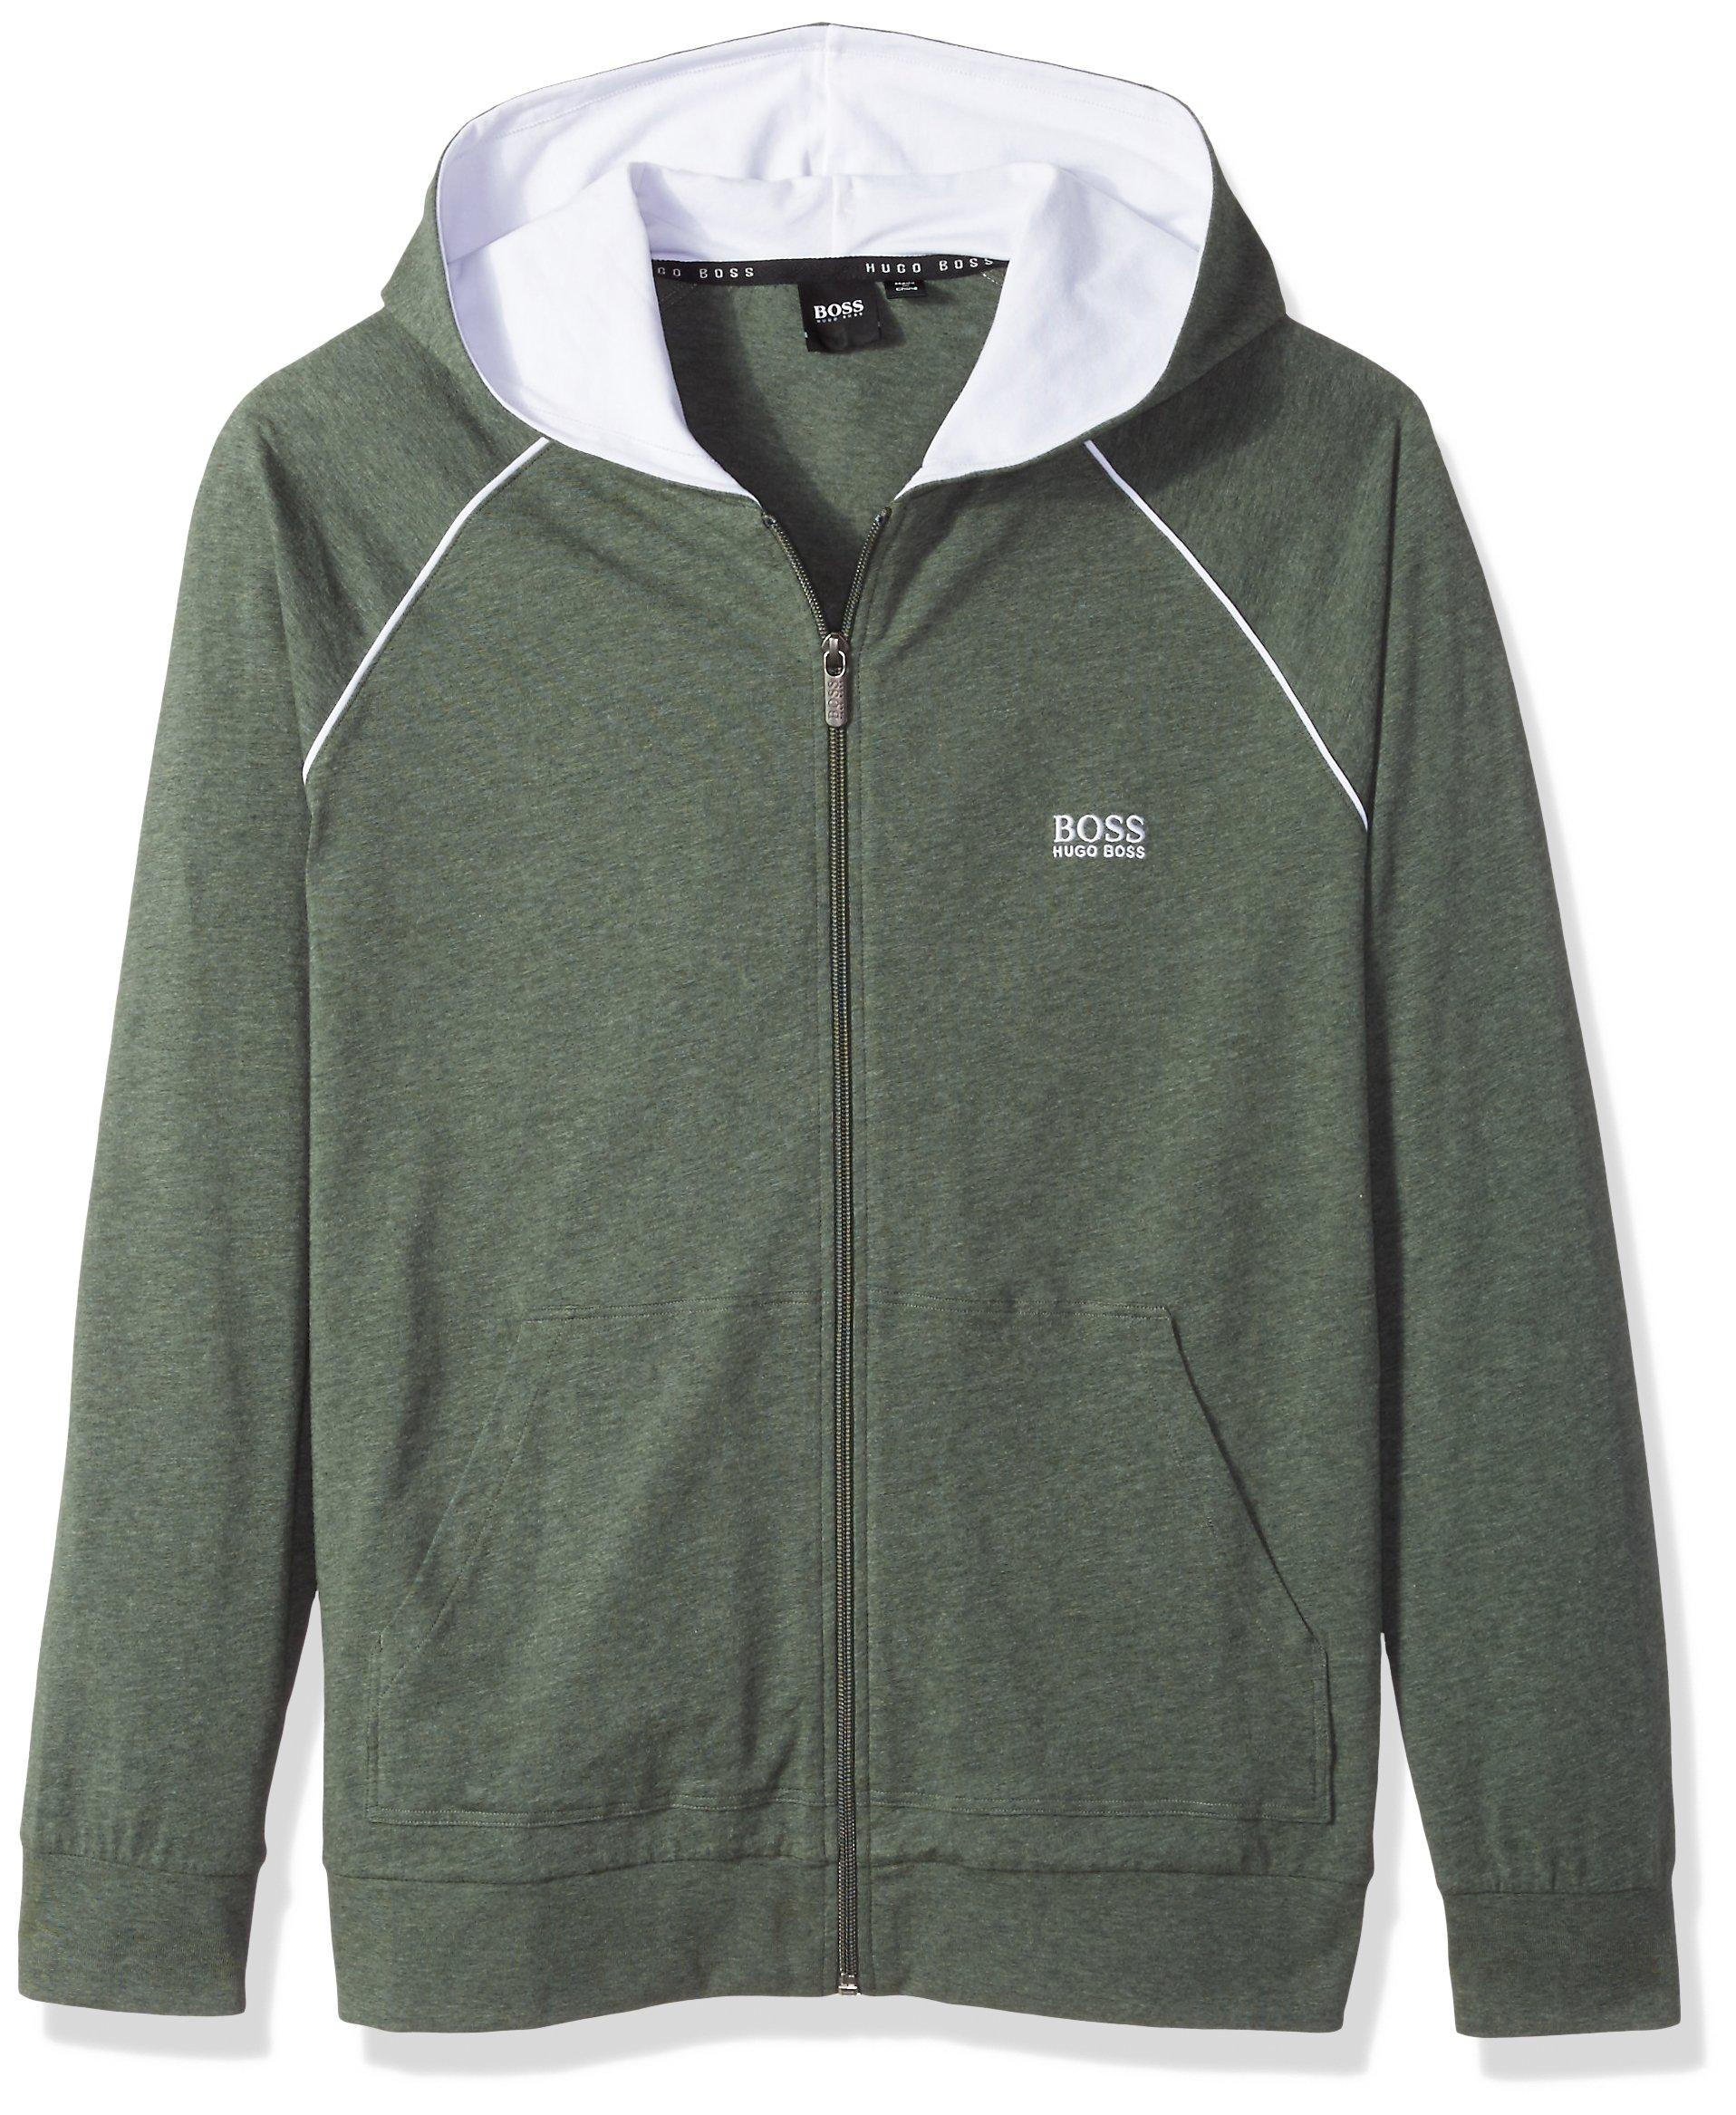 Hugo Boss Boss Men's Mix&Match Jacket H 10143871 02, Dark Green, L